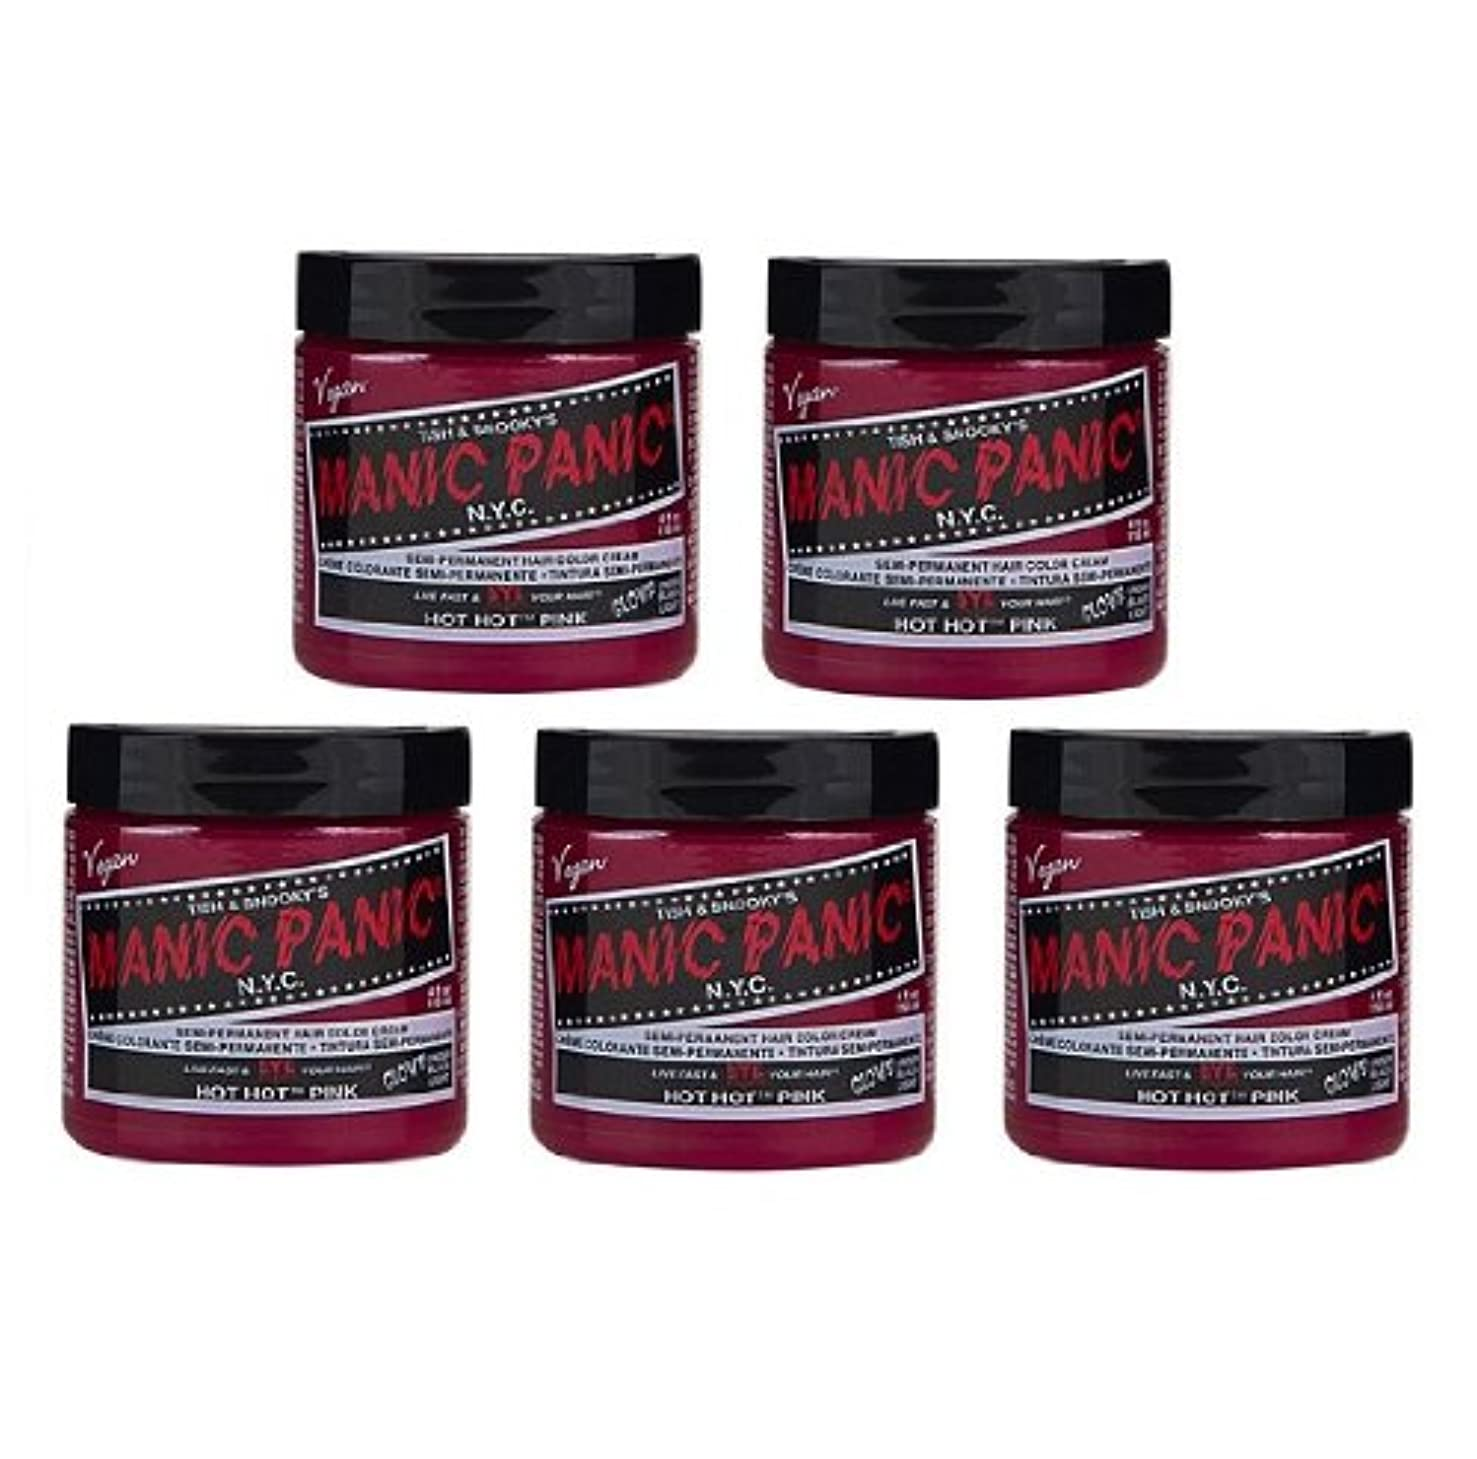 階下カンガルークラックポット【5個セット】MANIC PANIC マニックパニック Hot Hot Pink ホットホットピンク 118ml